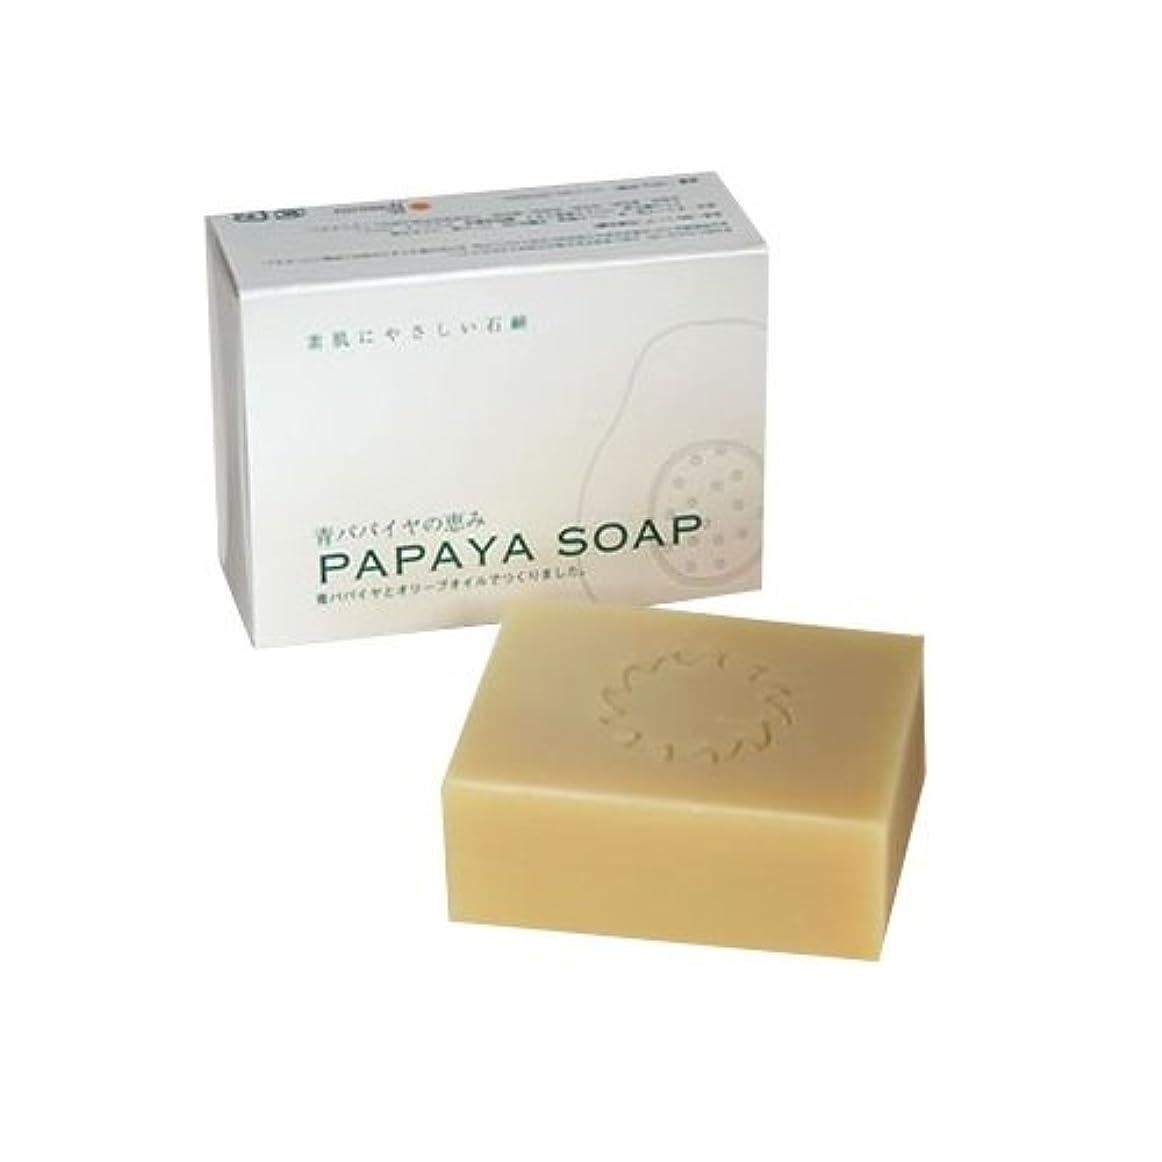 パステル蓋アコー青パパイヤの恵み PAPAYA SOAP(パパイヤソープ) 100g